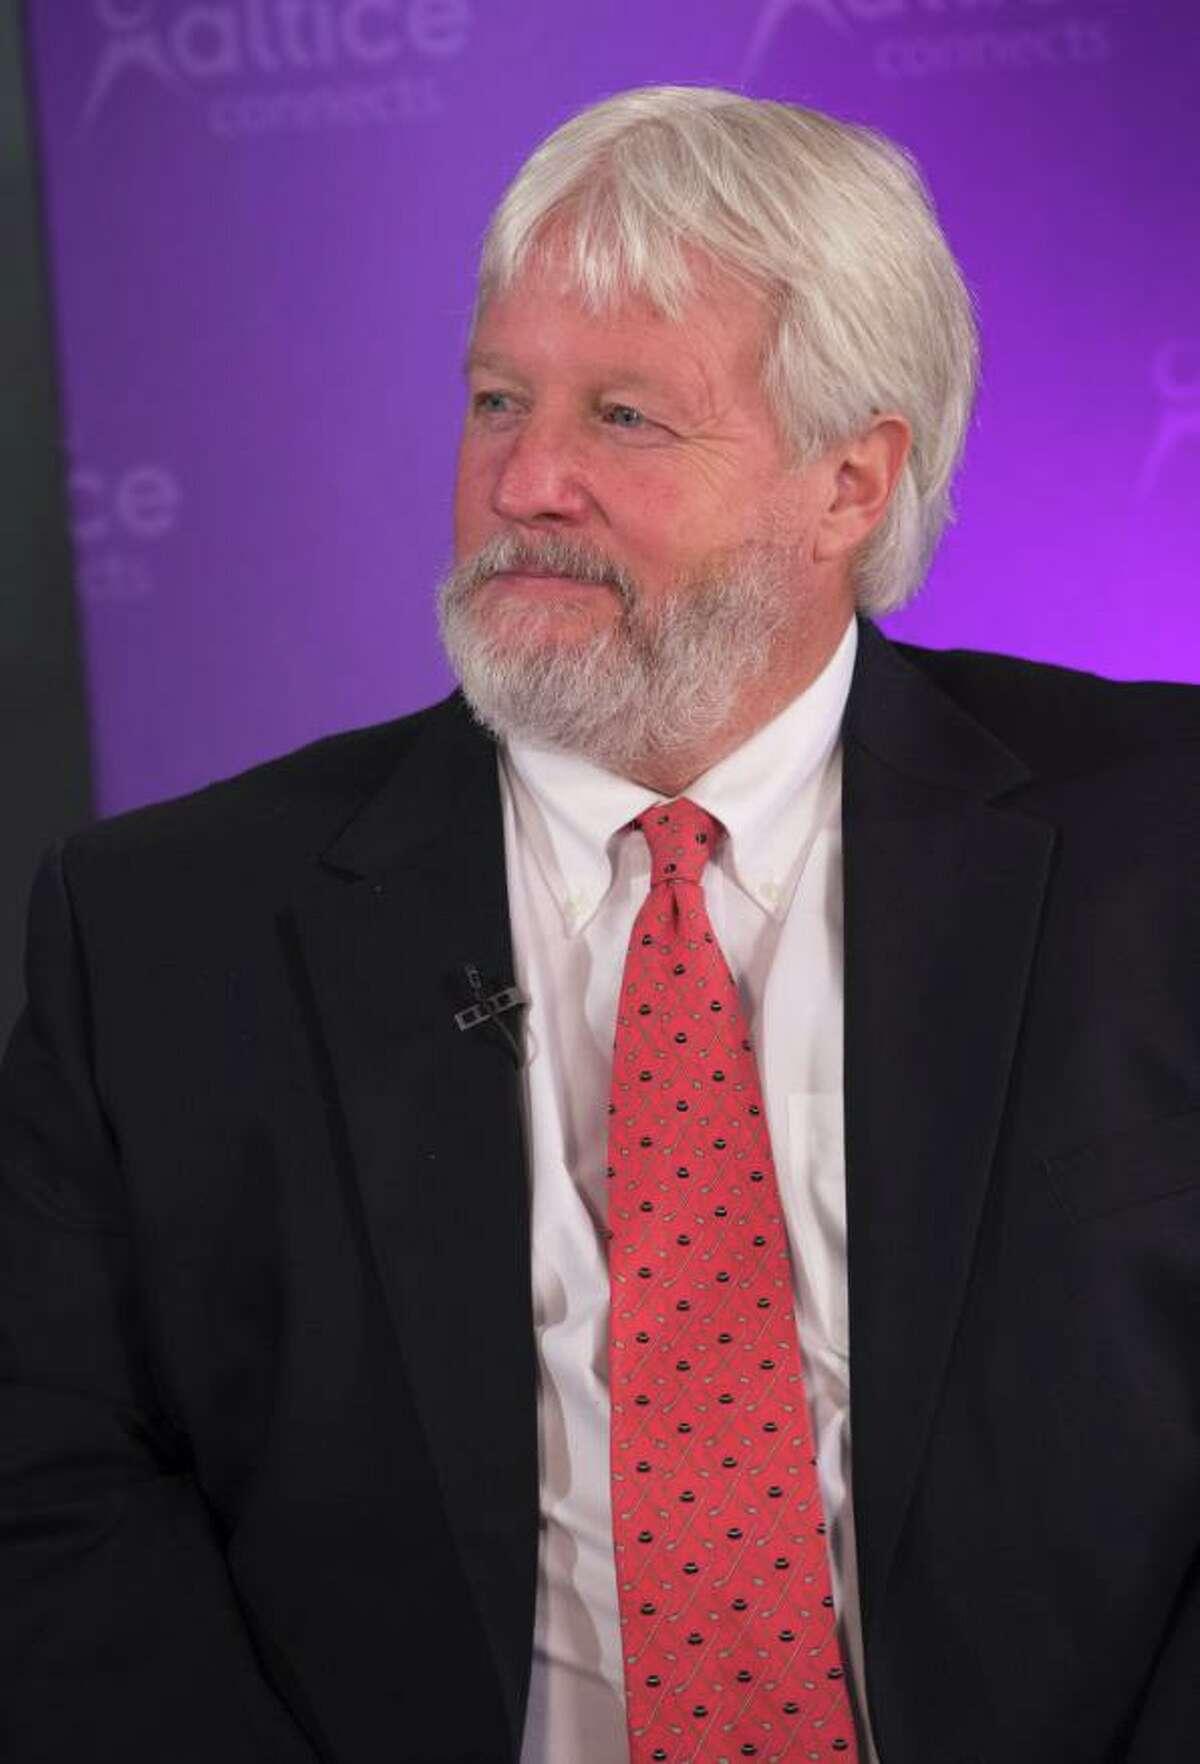 State Sen. Craig Miner, R-Litchfield